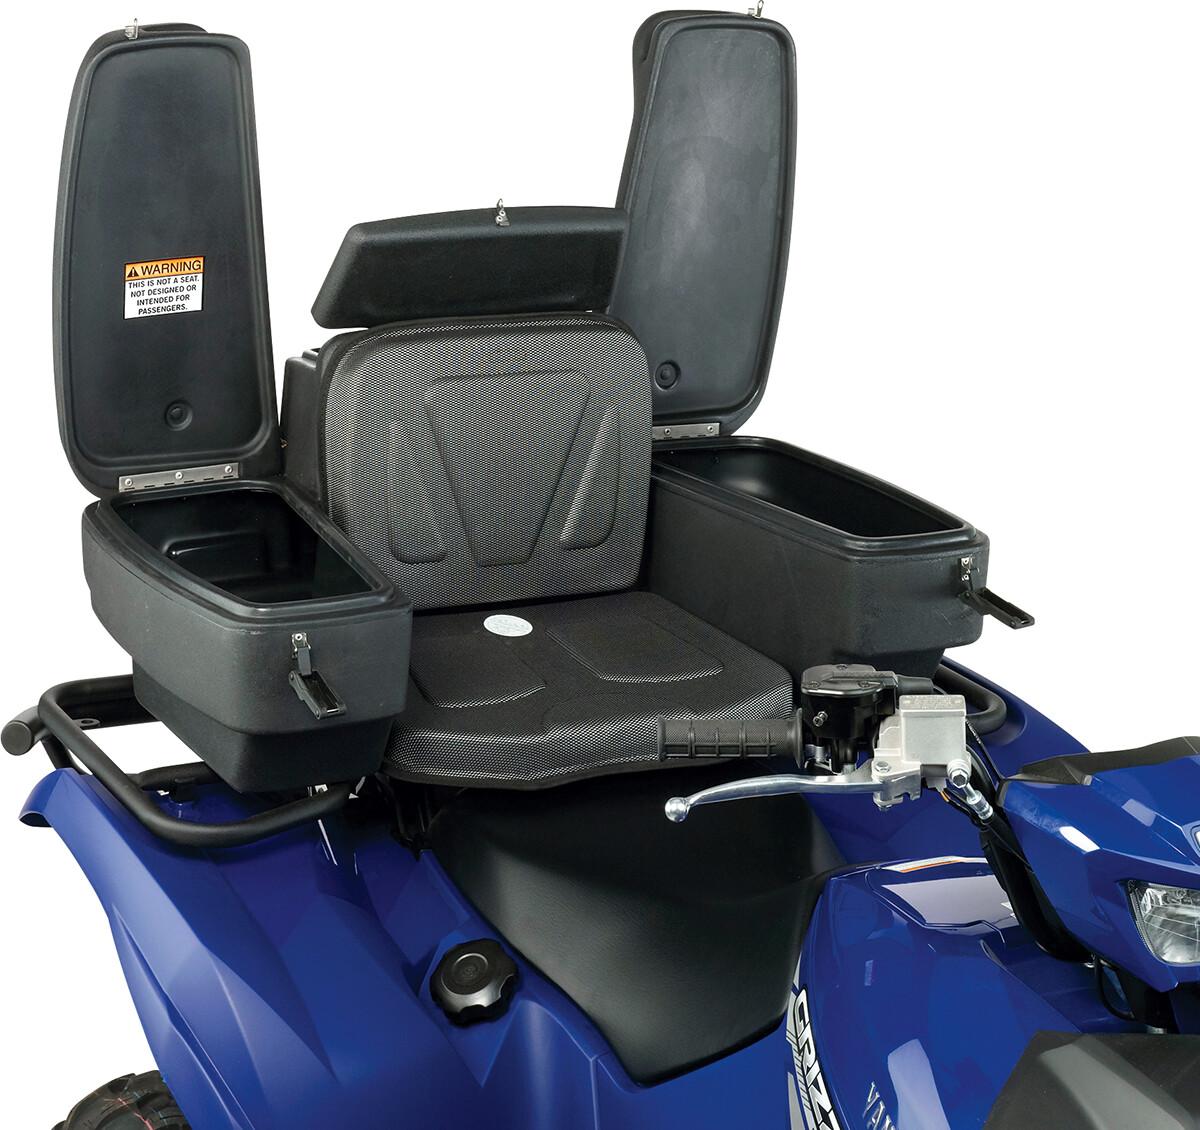 Moose ATV Rear Seat w/Cooler Storage Trunk Box (3505-0211)